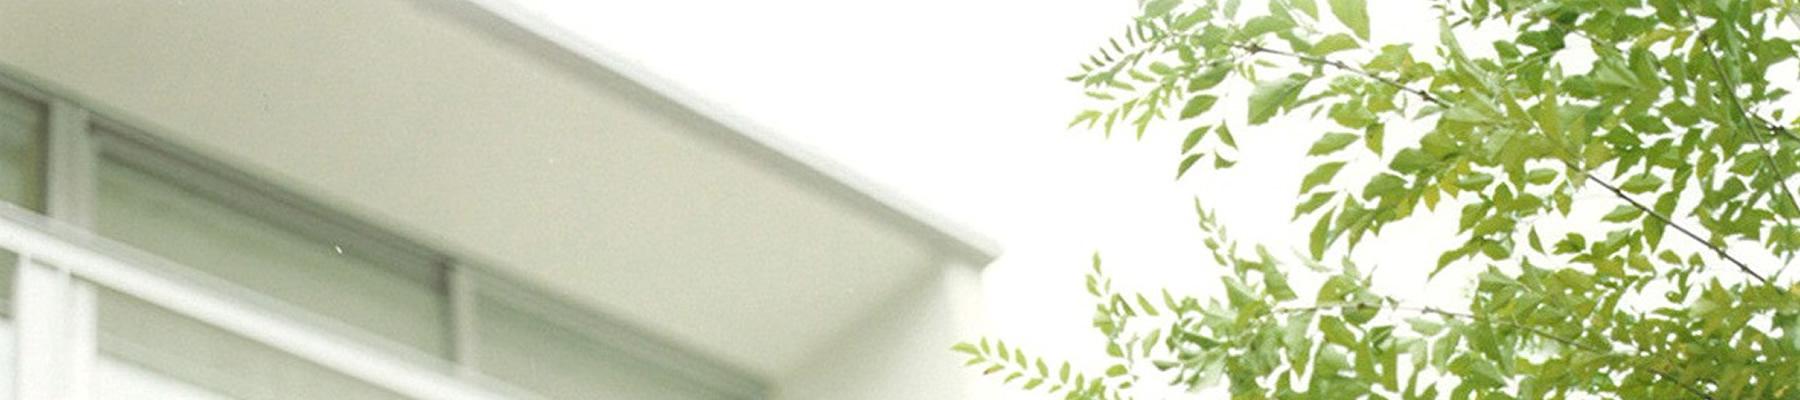 お問合せ・ご予約|安水建設|愛知県三河エリアの木造注文住宅・リフォーム